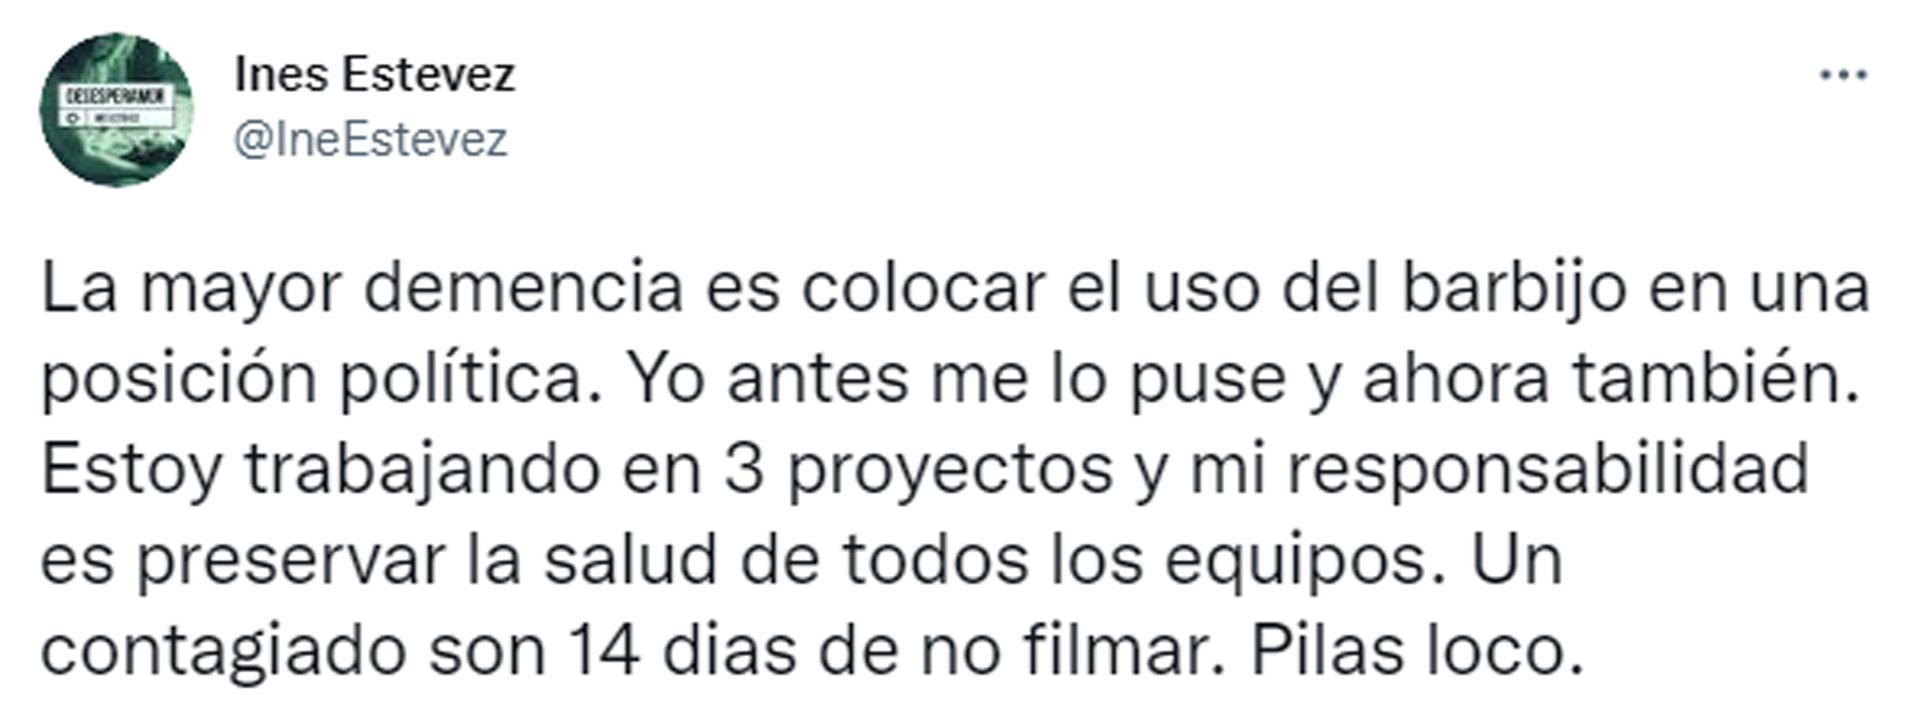 El segundo tweet de Inés Estévez acerca del fin de la obligatoriedad del uso del barbijo (Foto: Twitter)